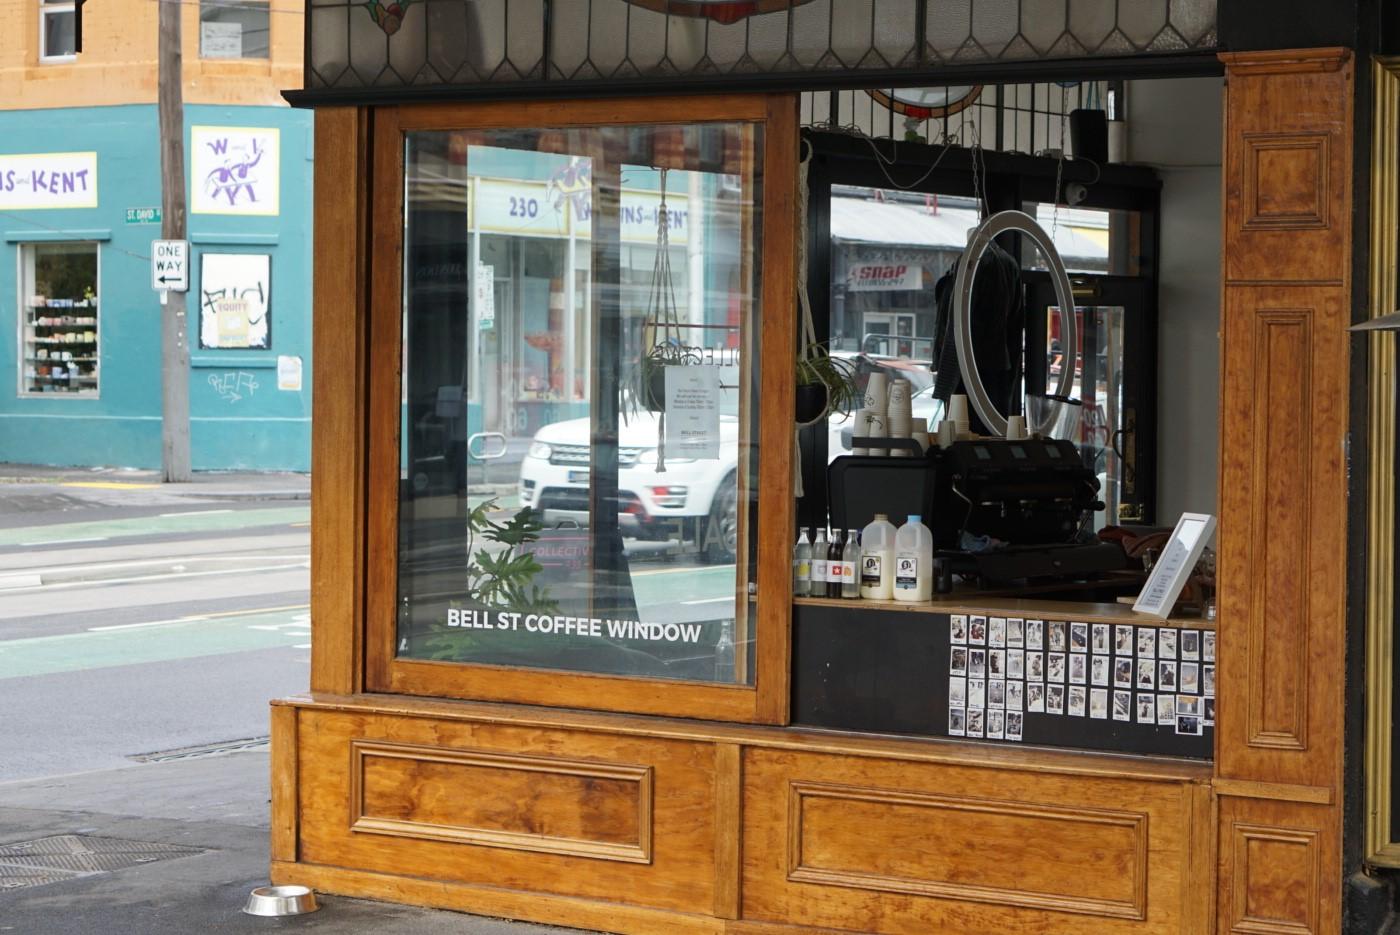 Bell St Coffee Window